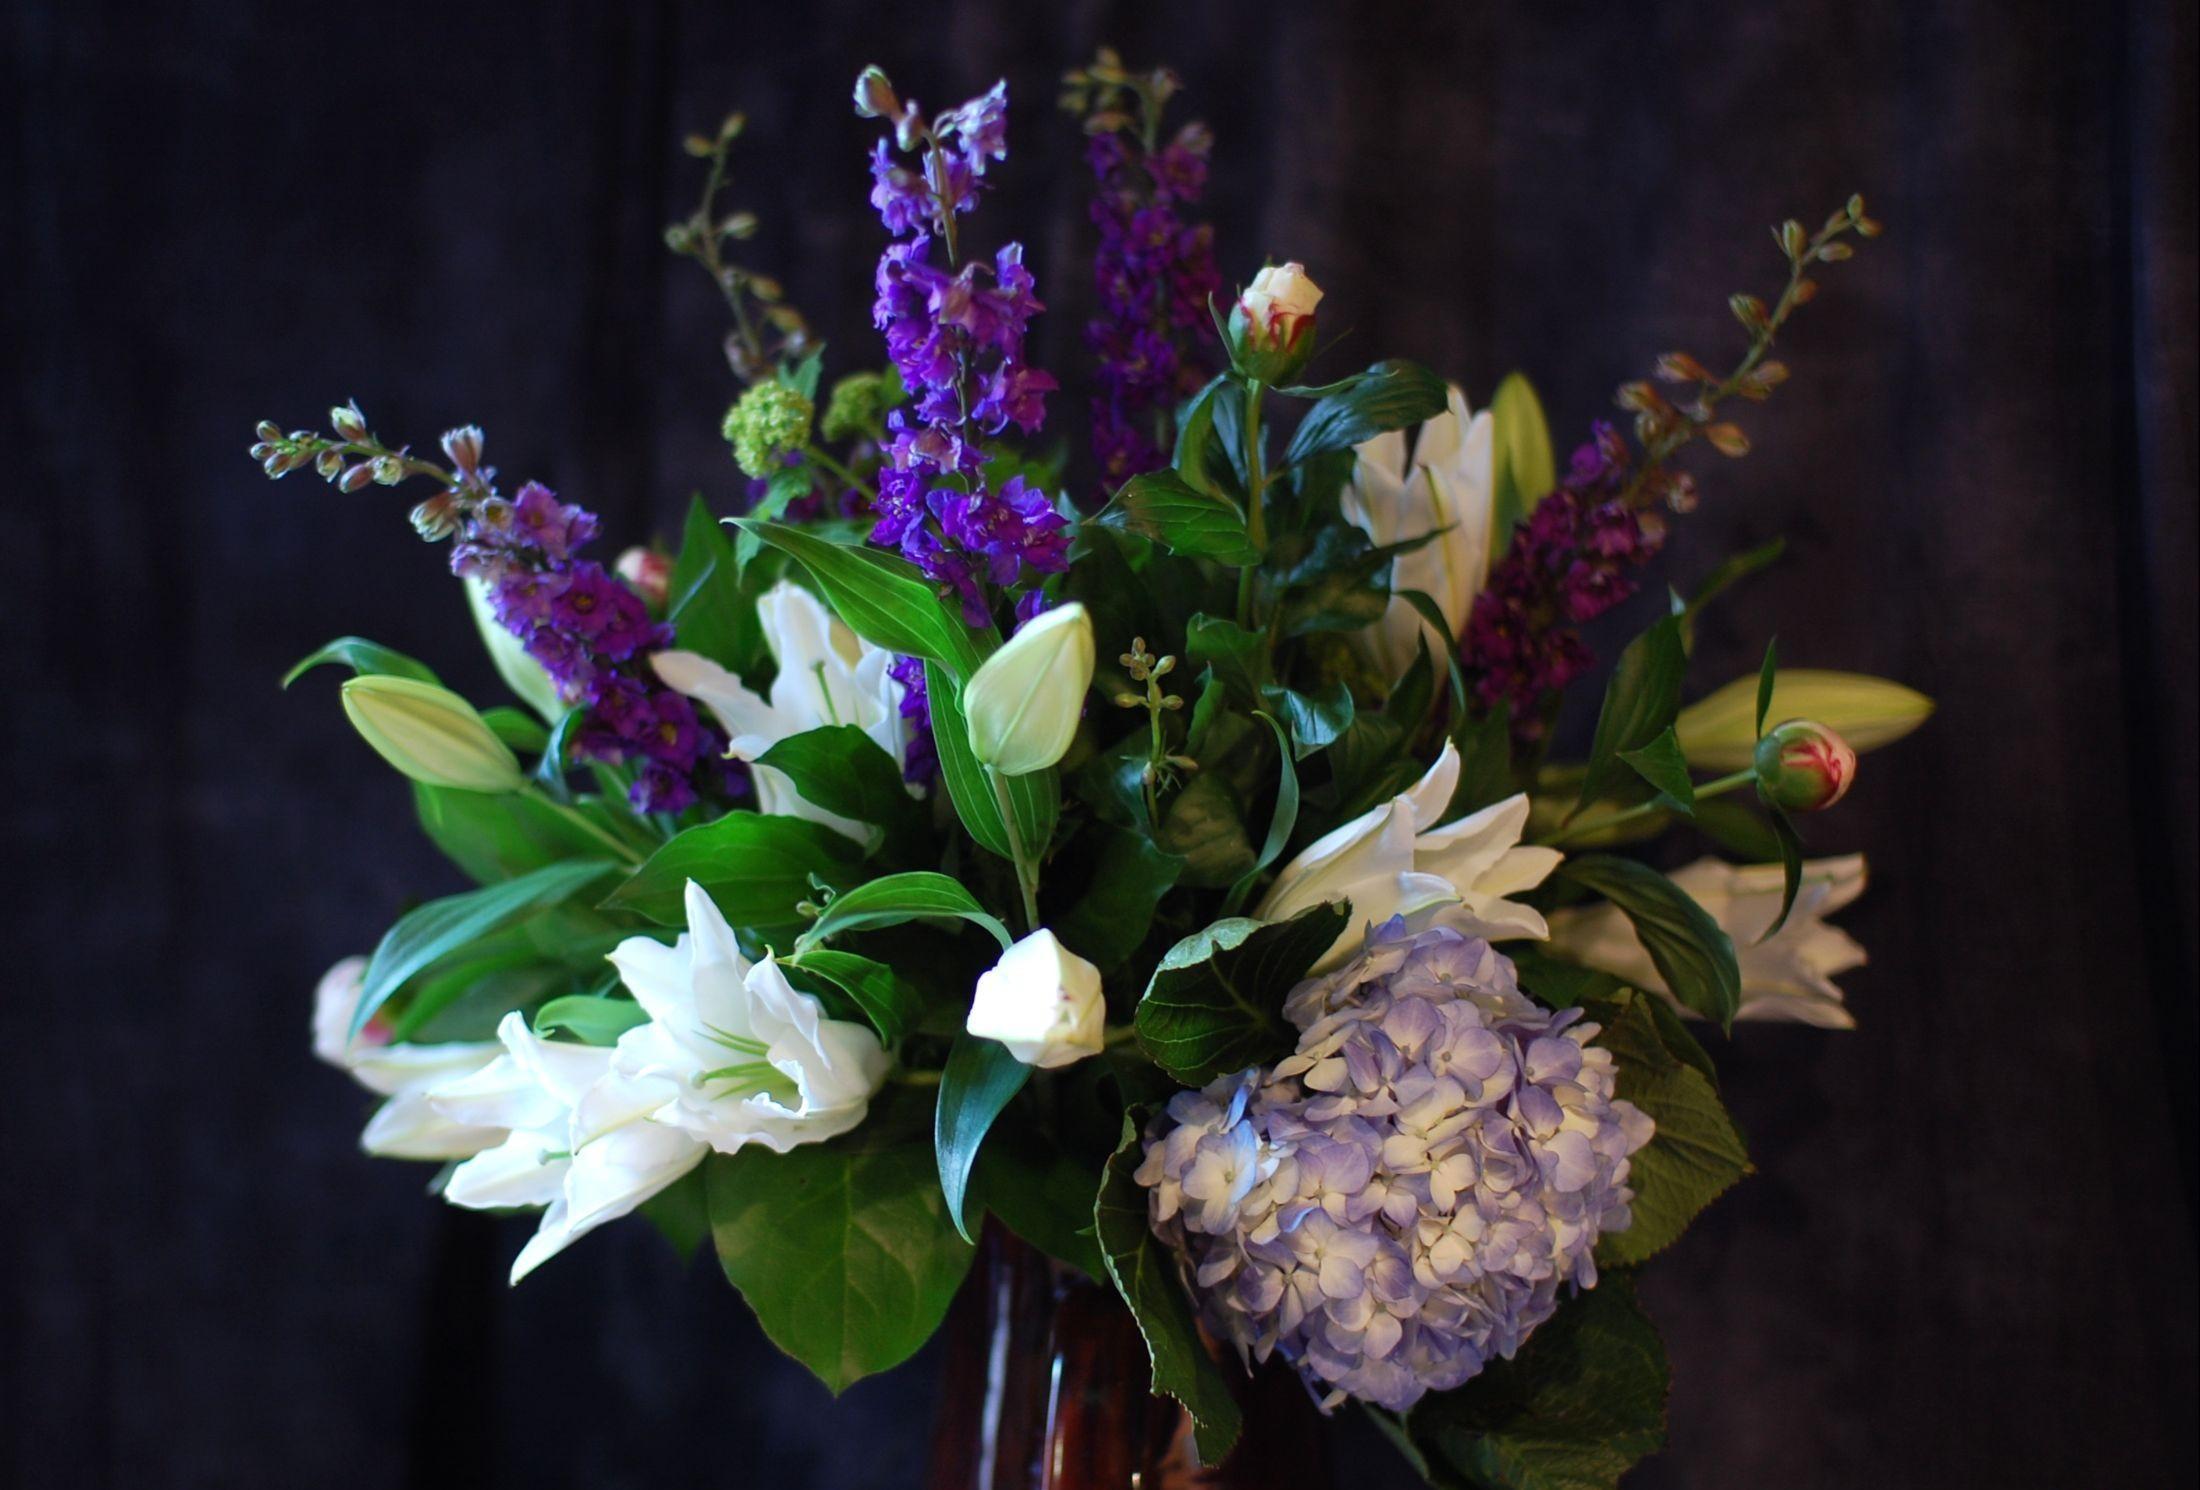 155132 скачать обои Цветы, Лилии, Дельфиниум, Гортензия, Букет, Композиция, Оформление - заставки и картинки бесплатно